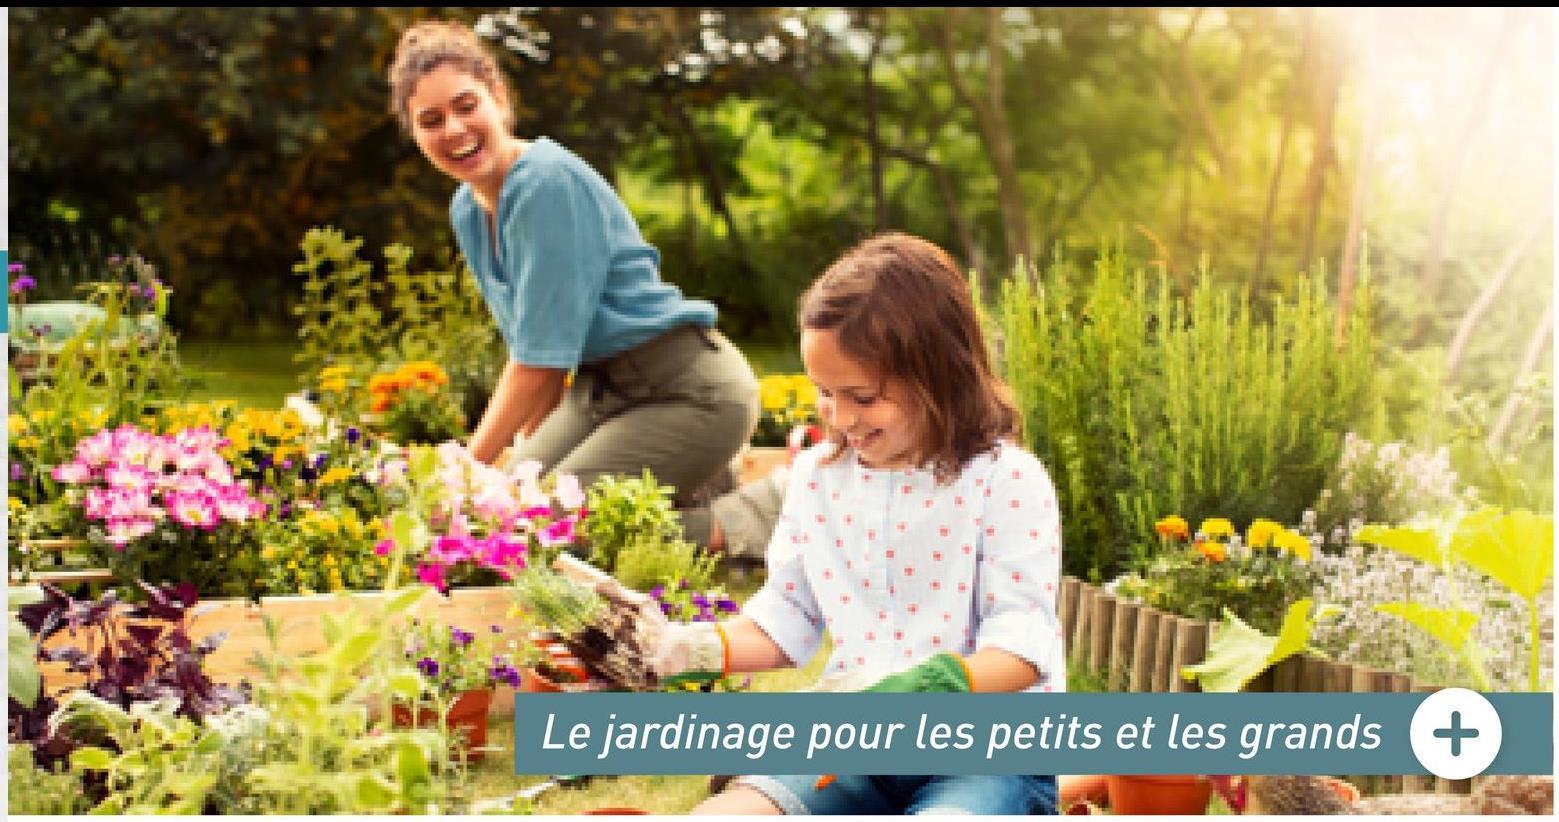 Le jardinage pour les petits et les grands +